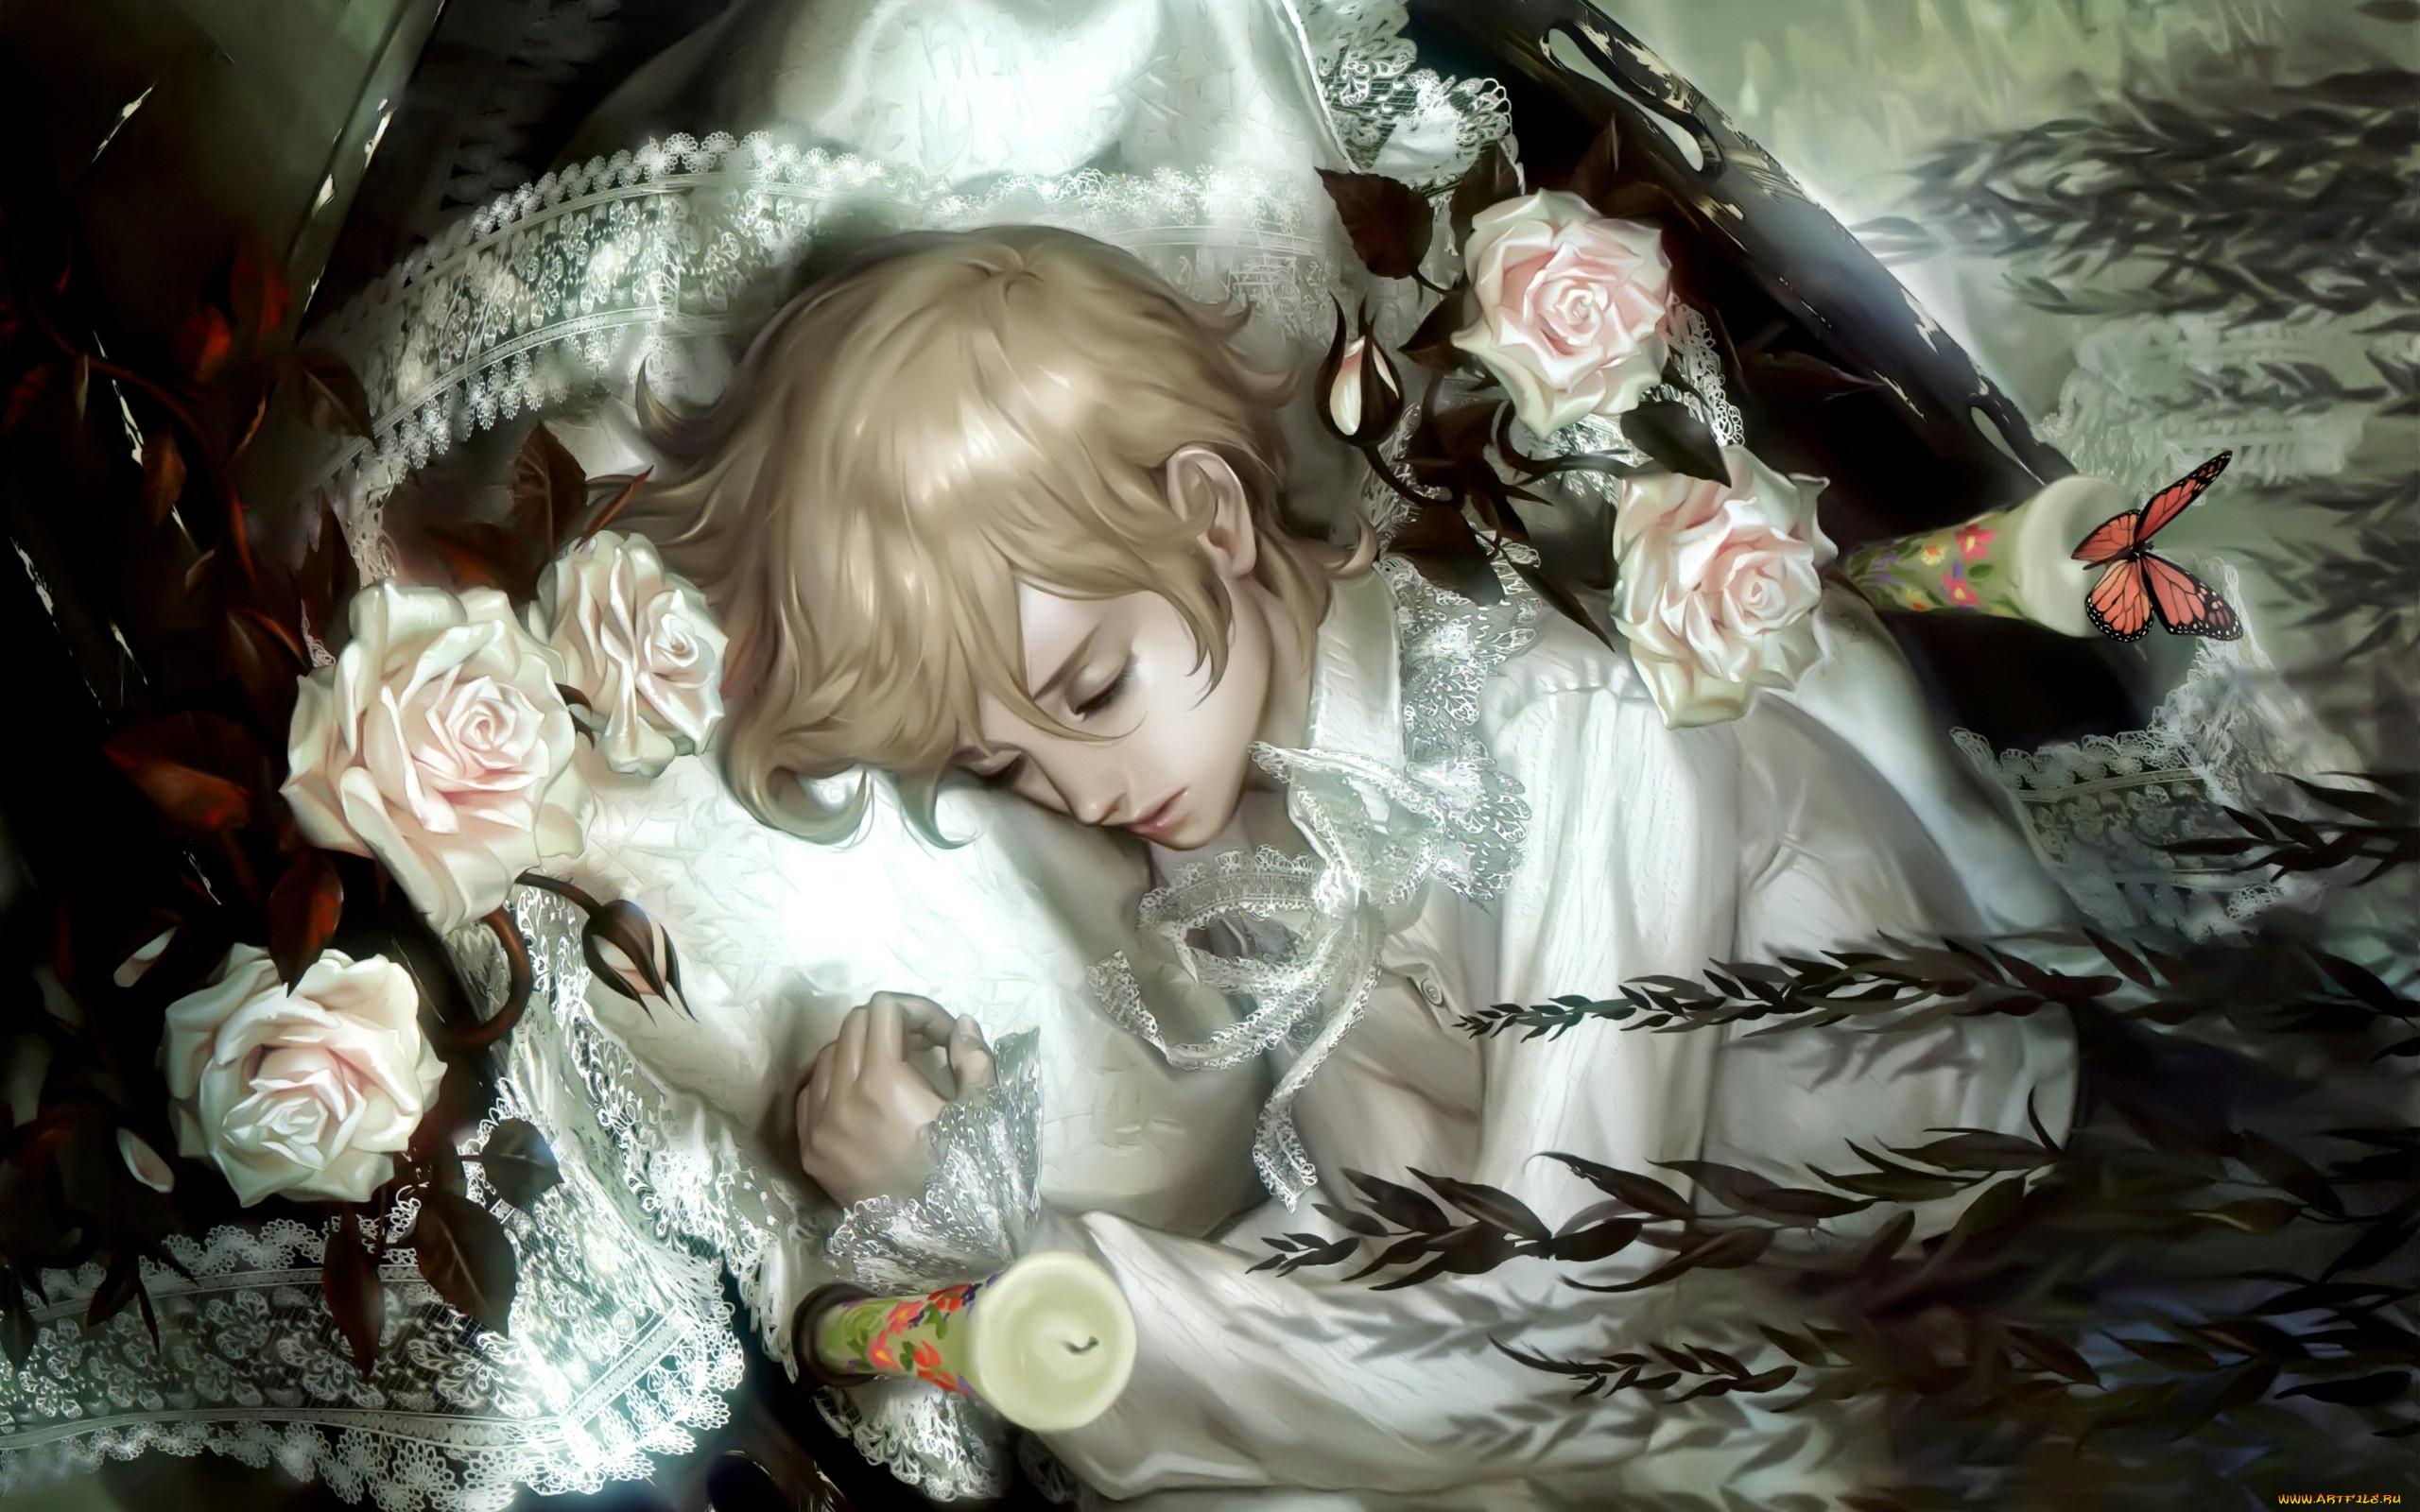 Розовый цвет во сне